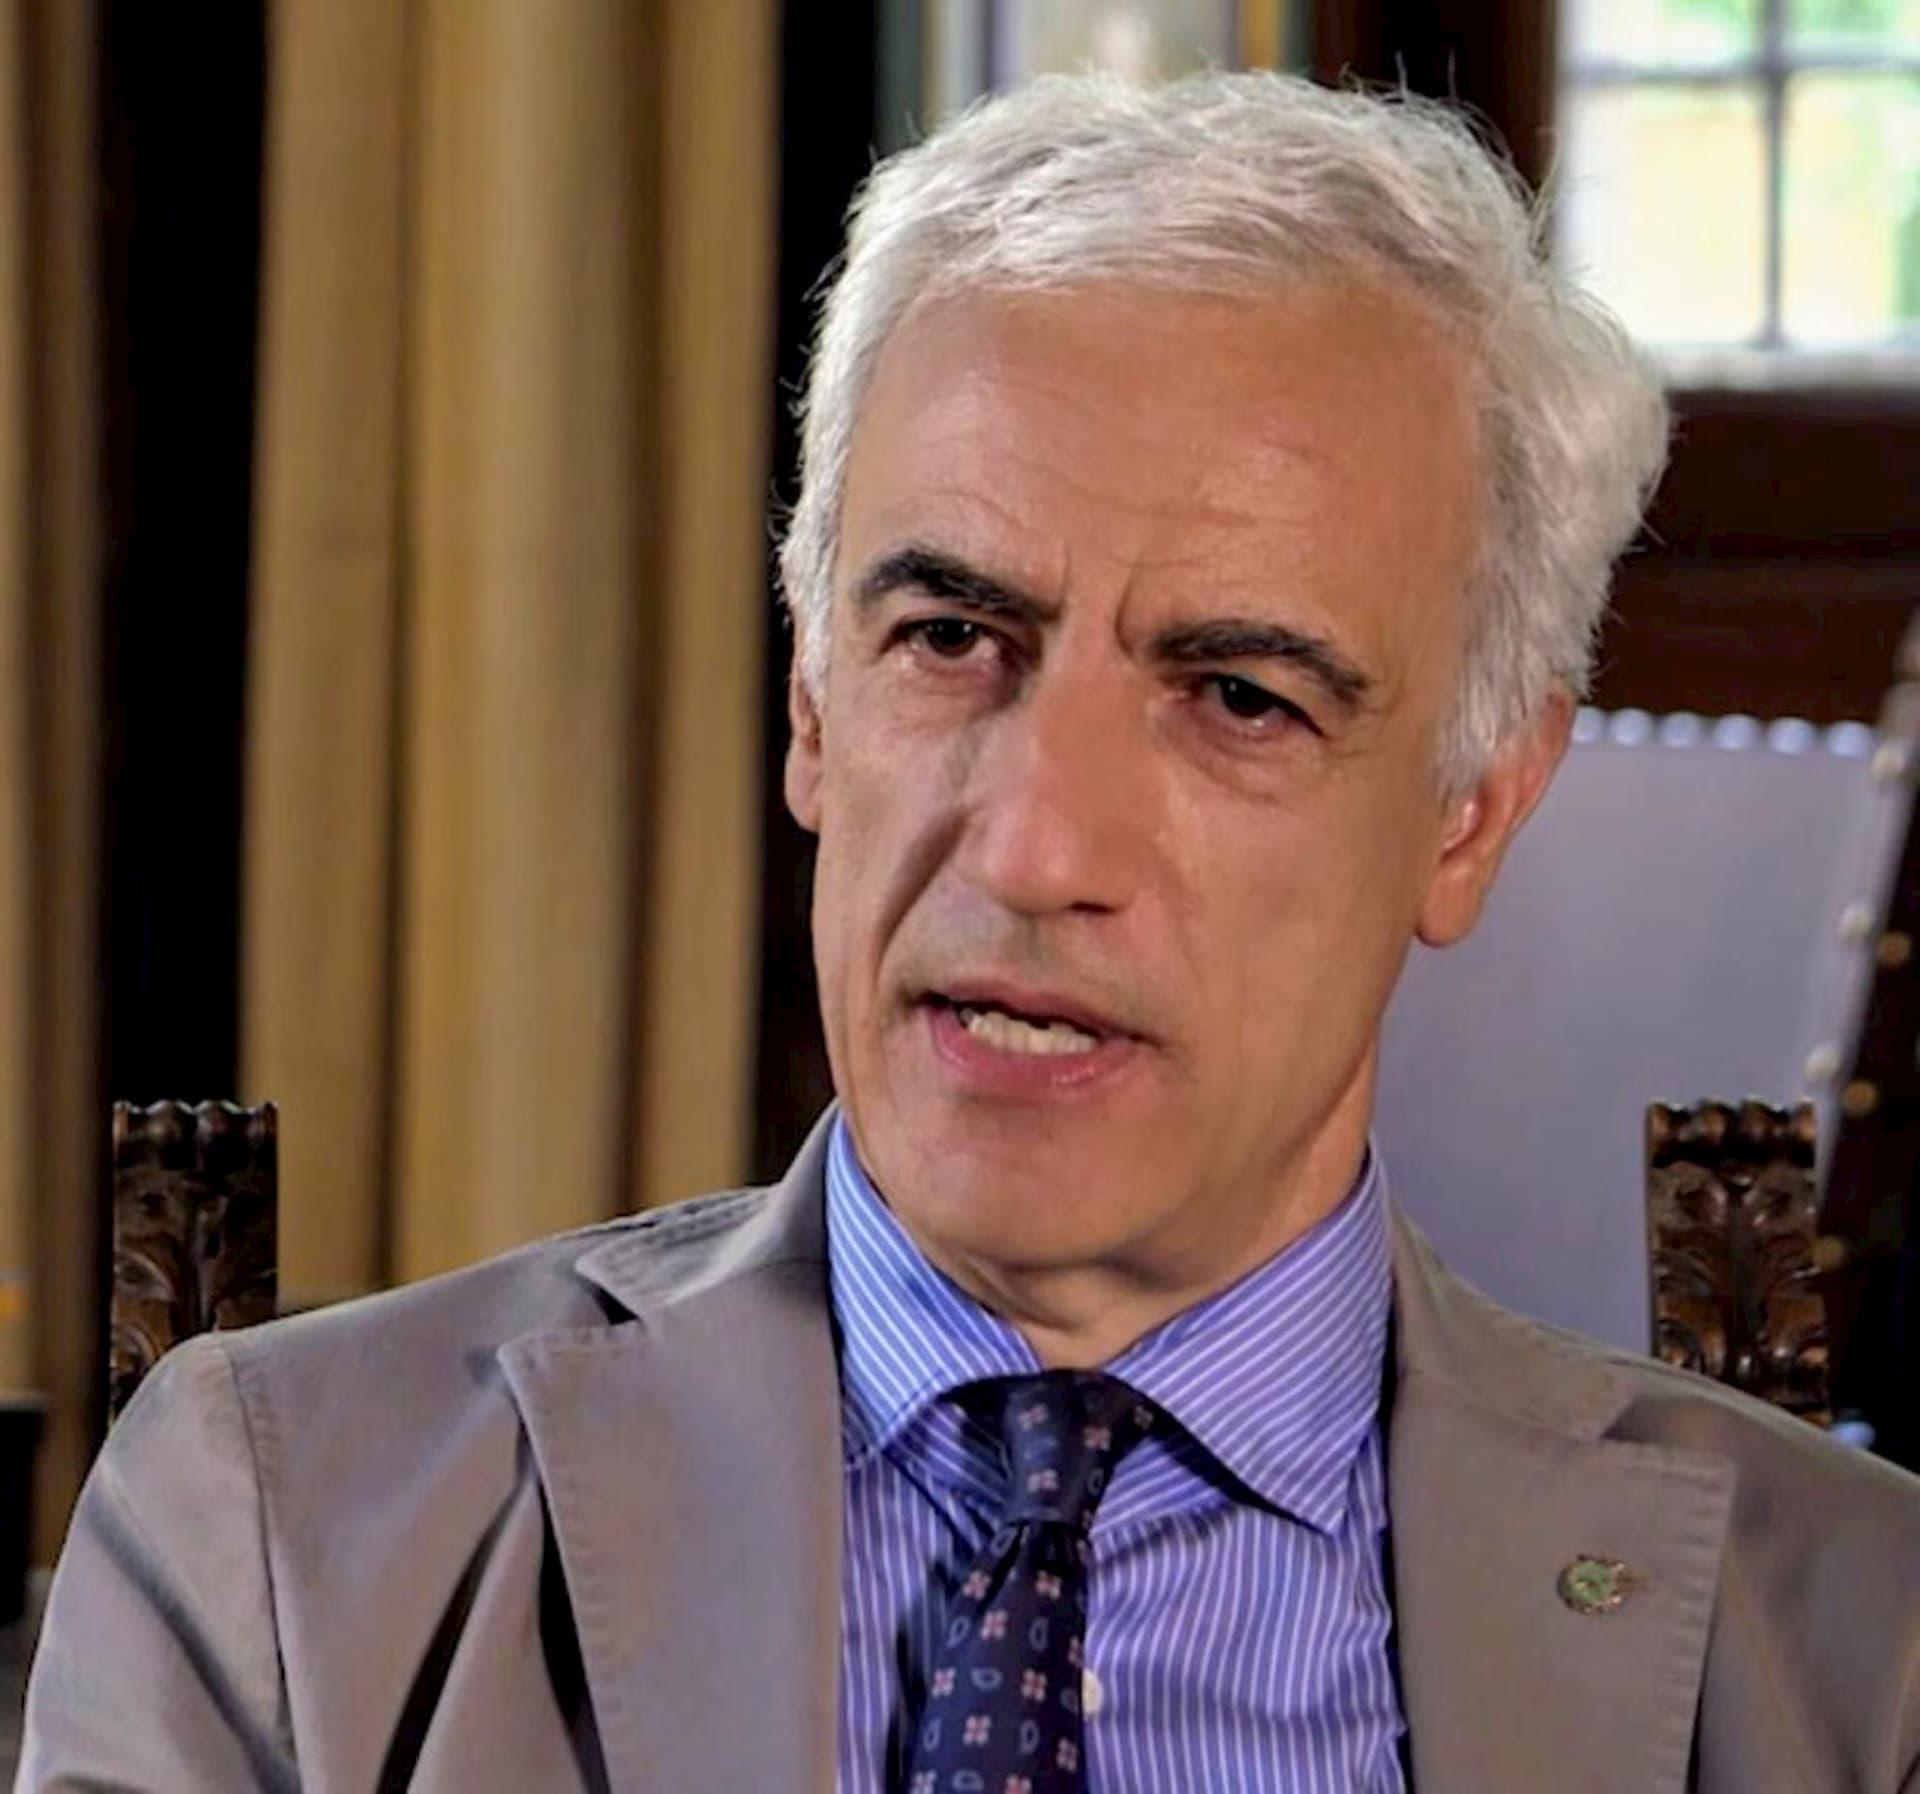 ASI - L'astrofisico Marco Tavani alla guida dell'Inaf